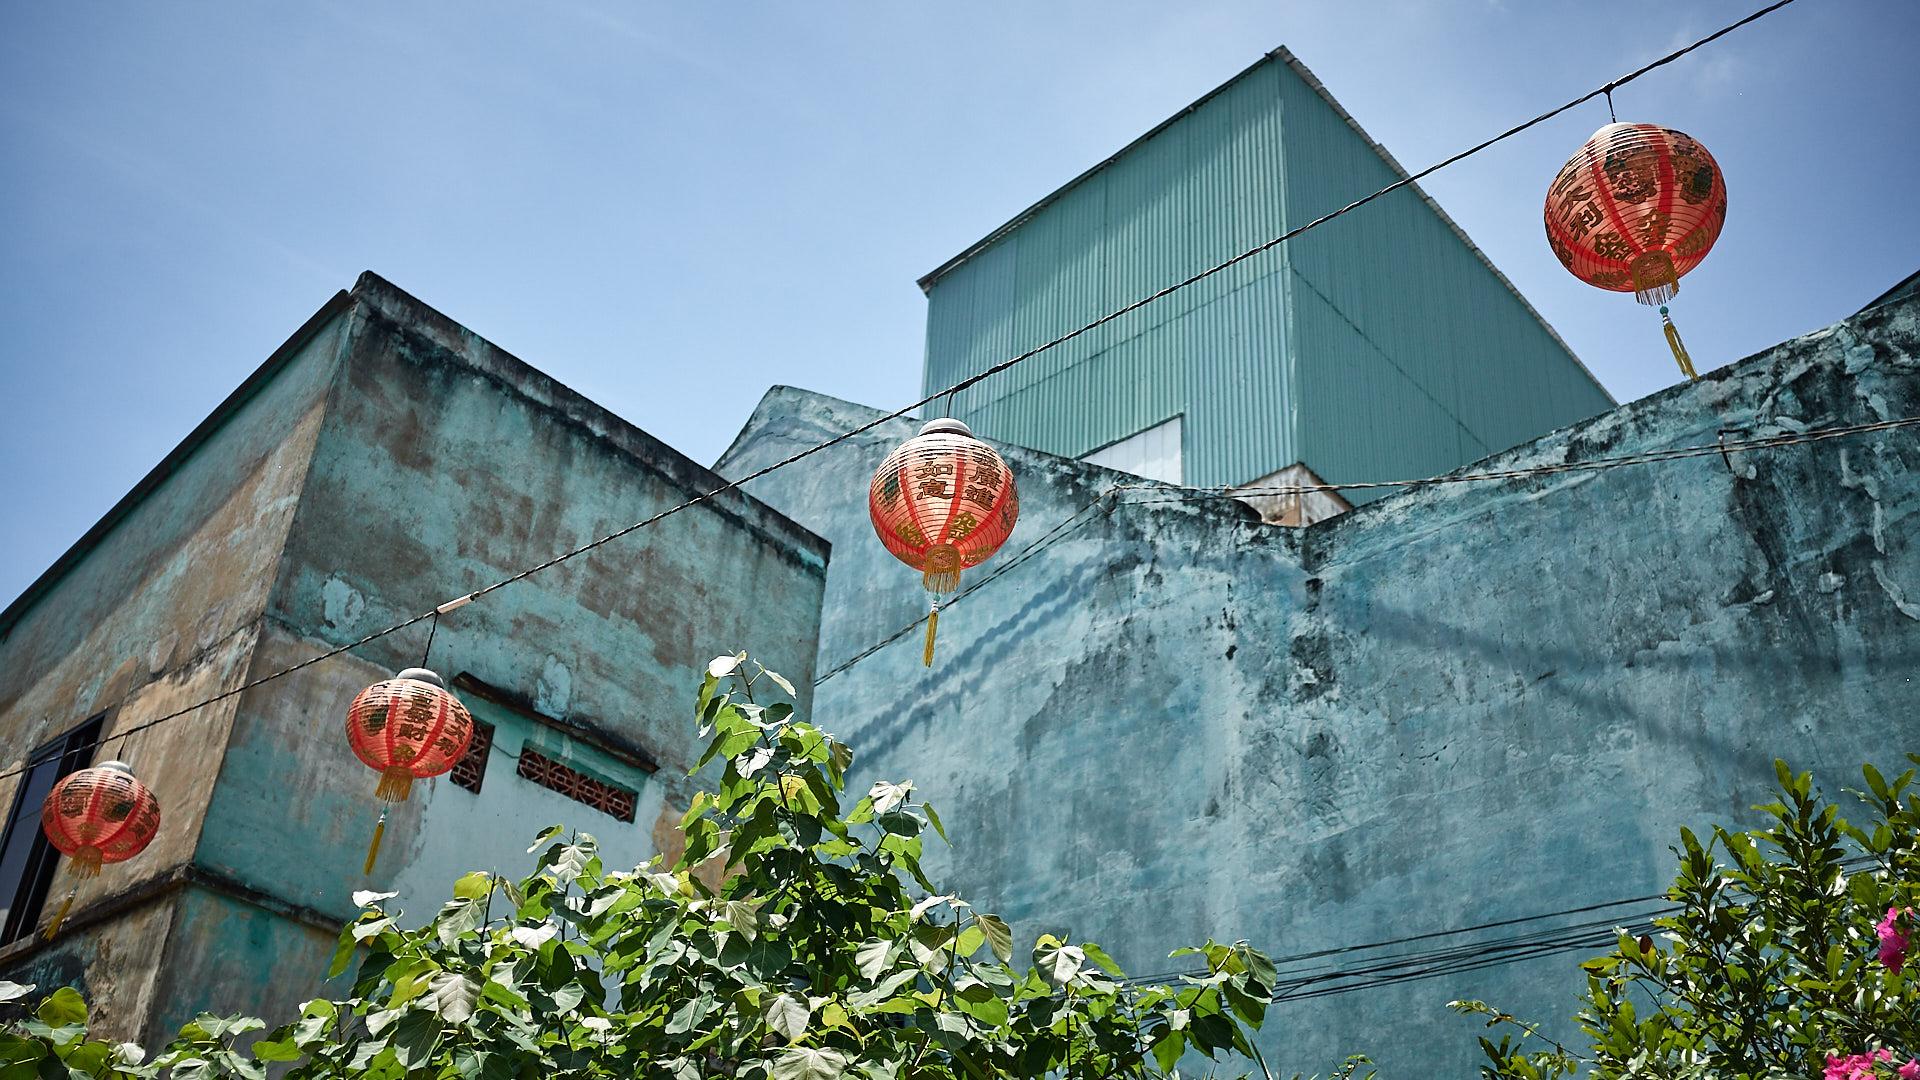 170601-Vietnam-Saigon-0477.jpg